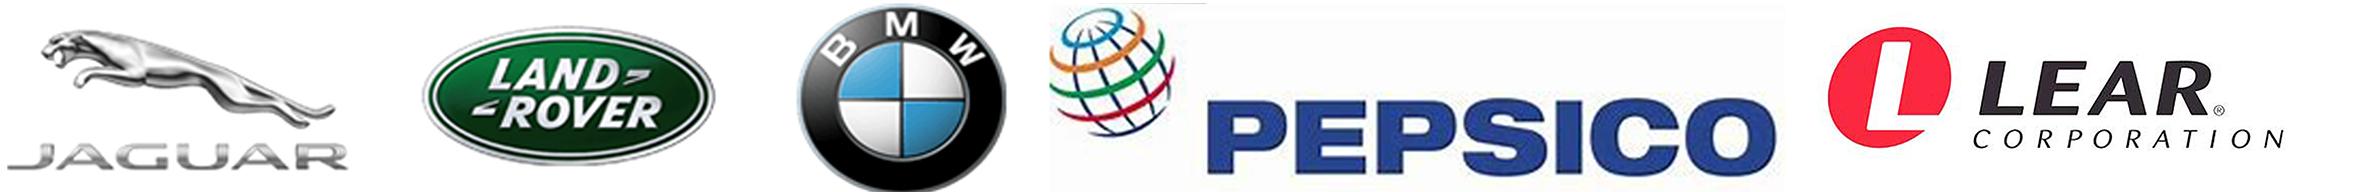 logos website homepage